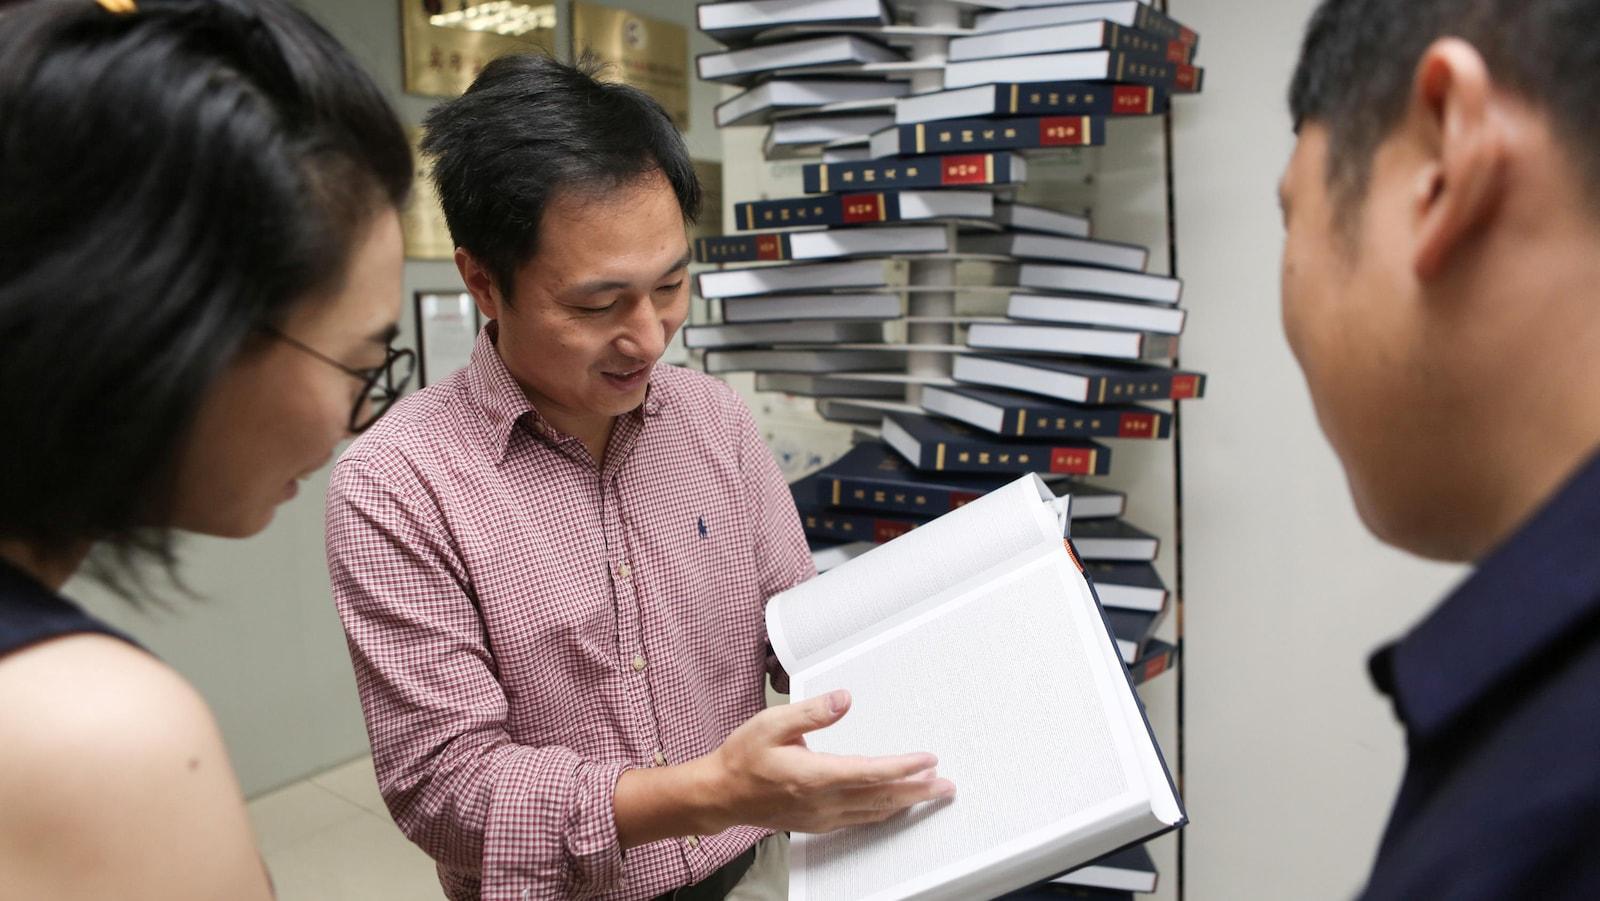 Un homme montre un document à d'autres personnes.